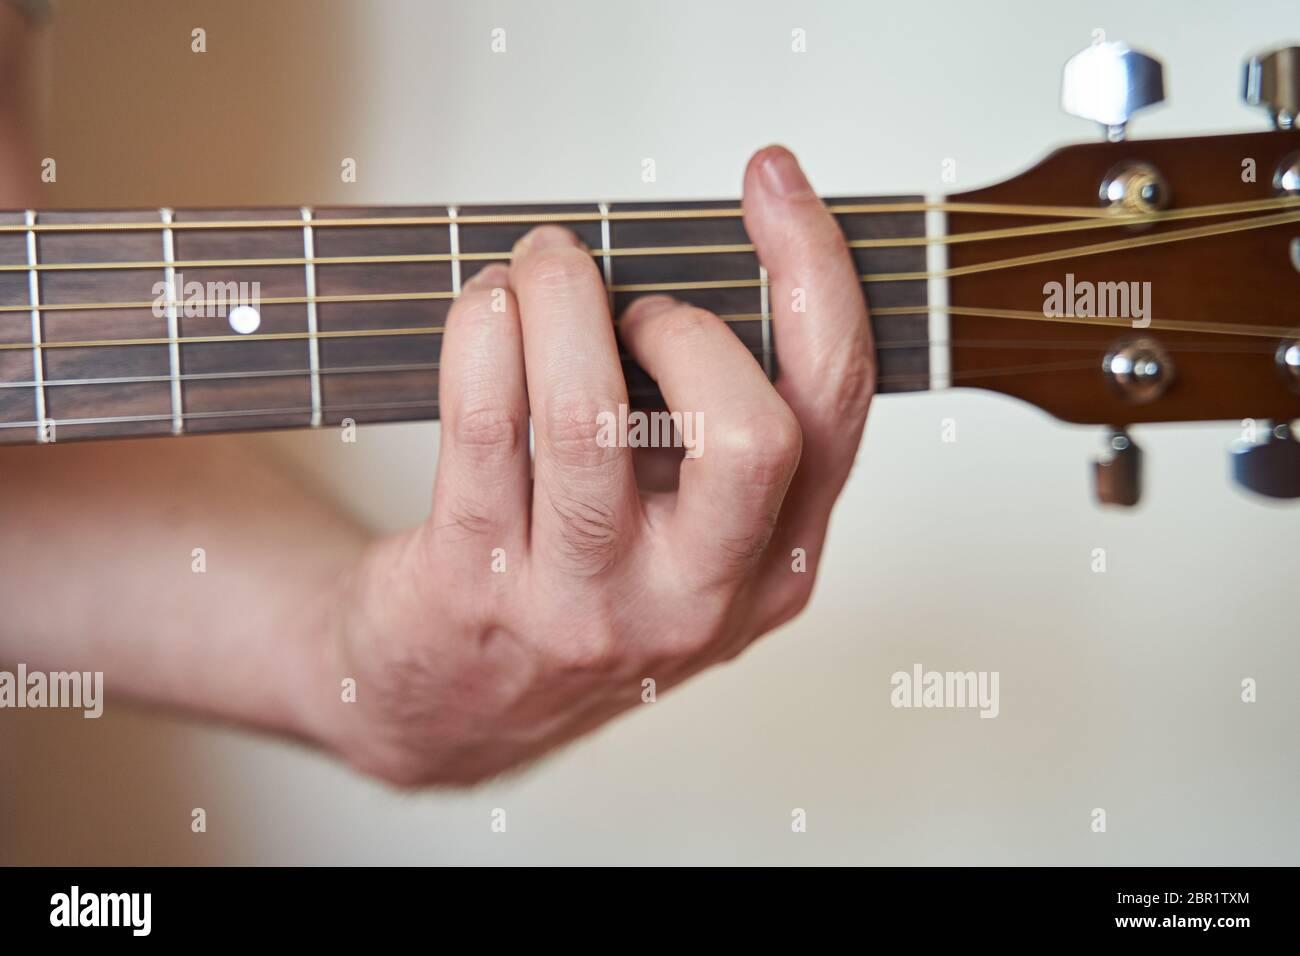 F Chord Stockfotos und  bilder Kaufen   Alamy